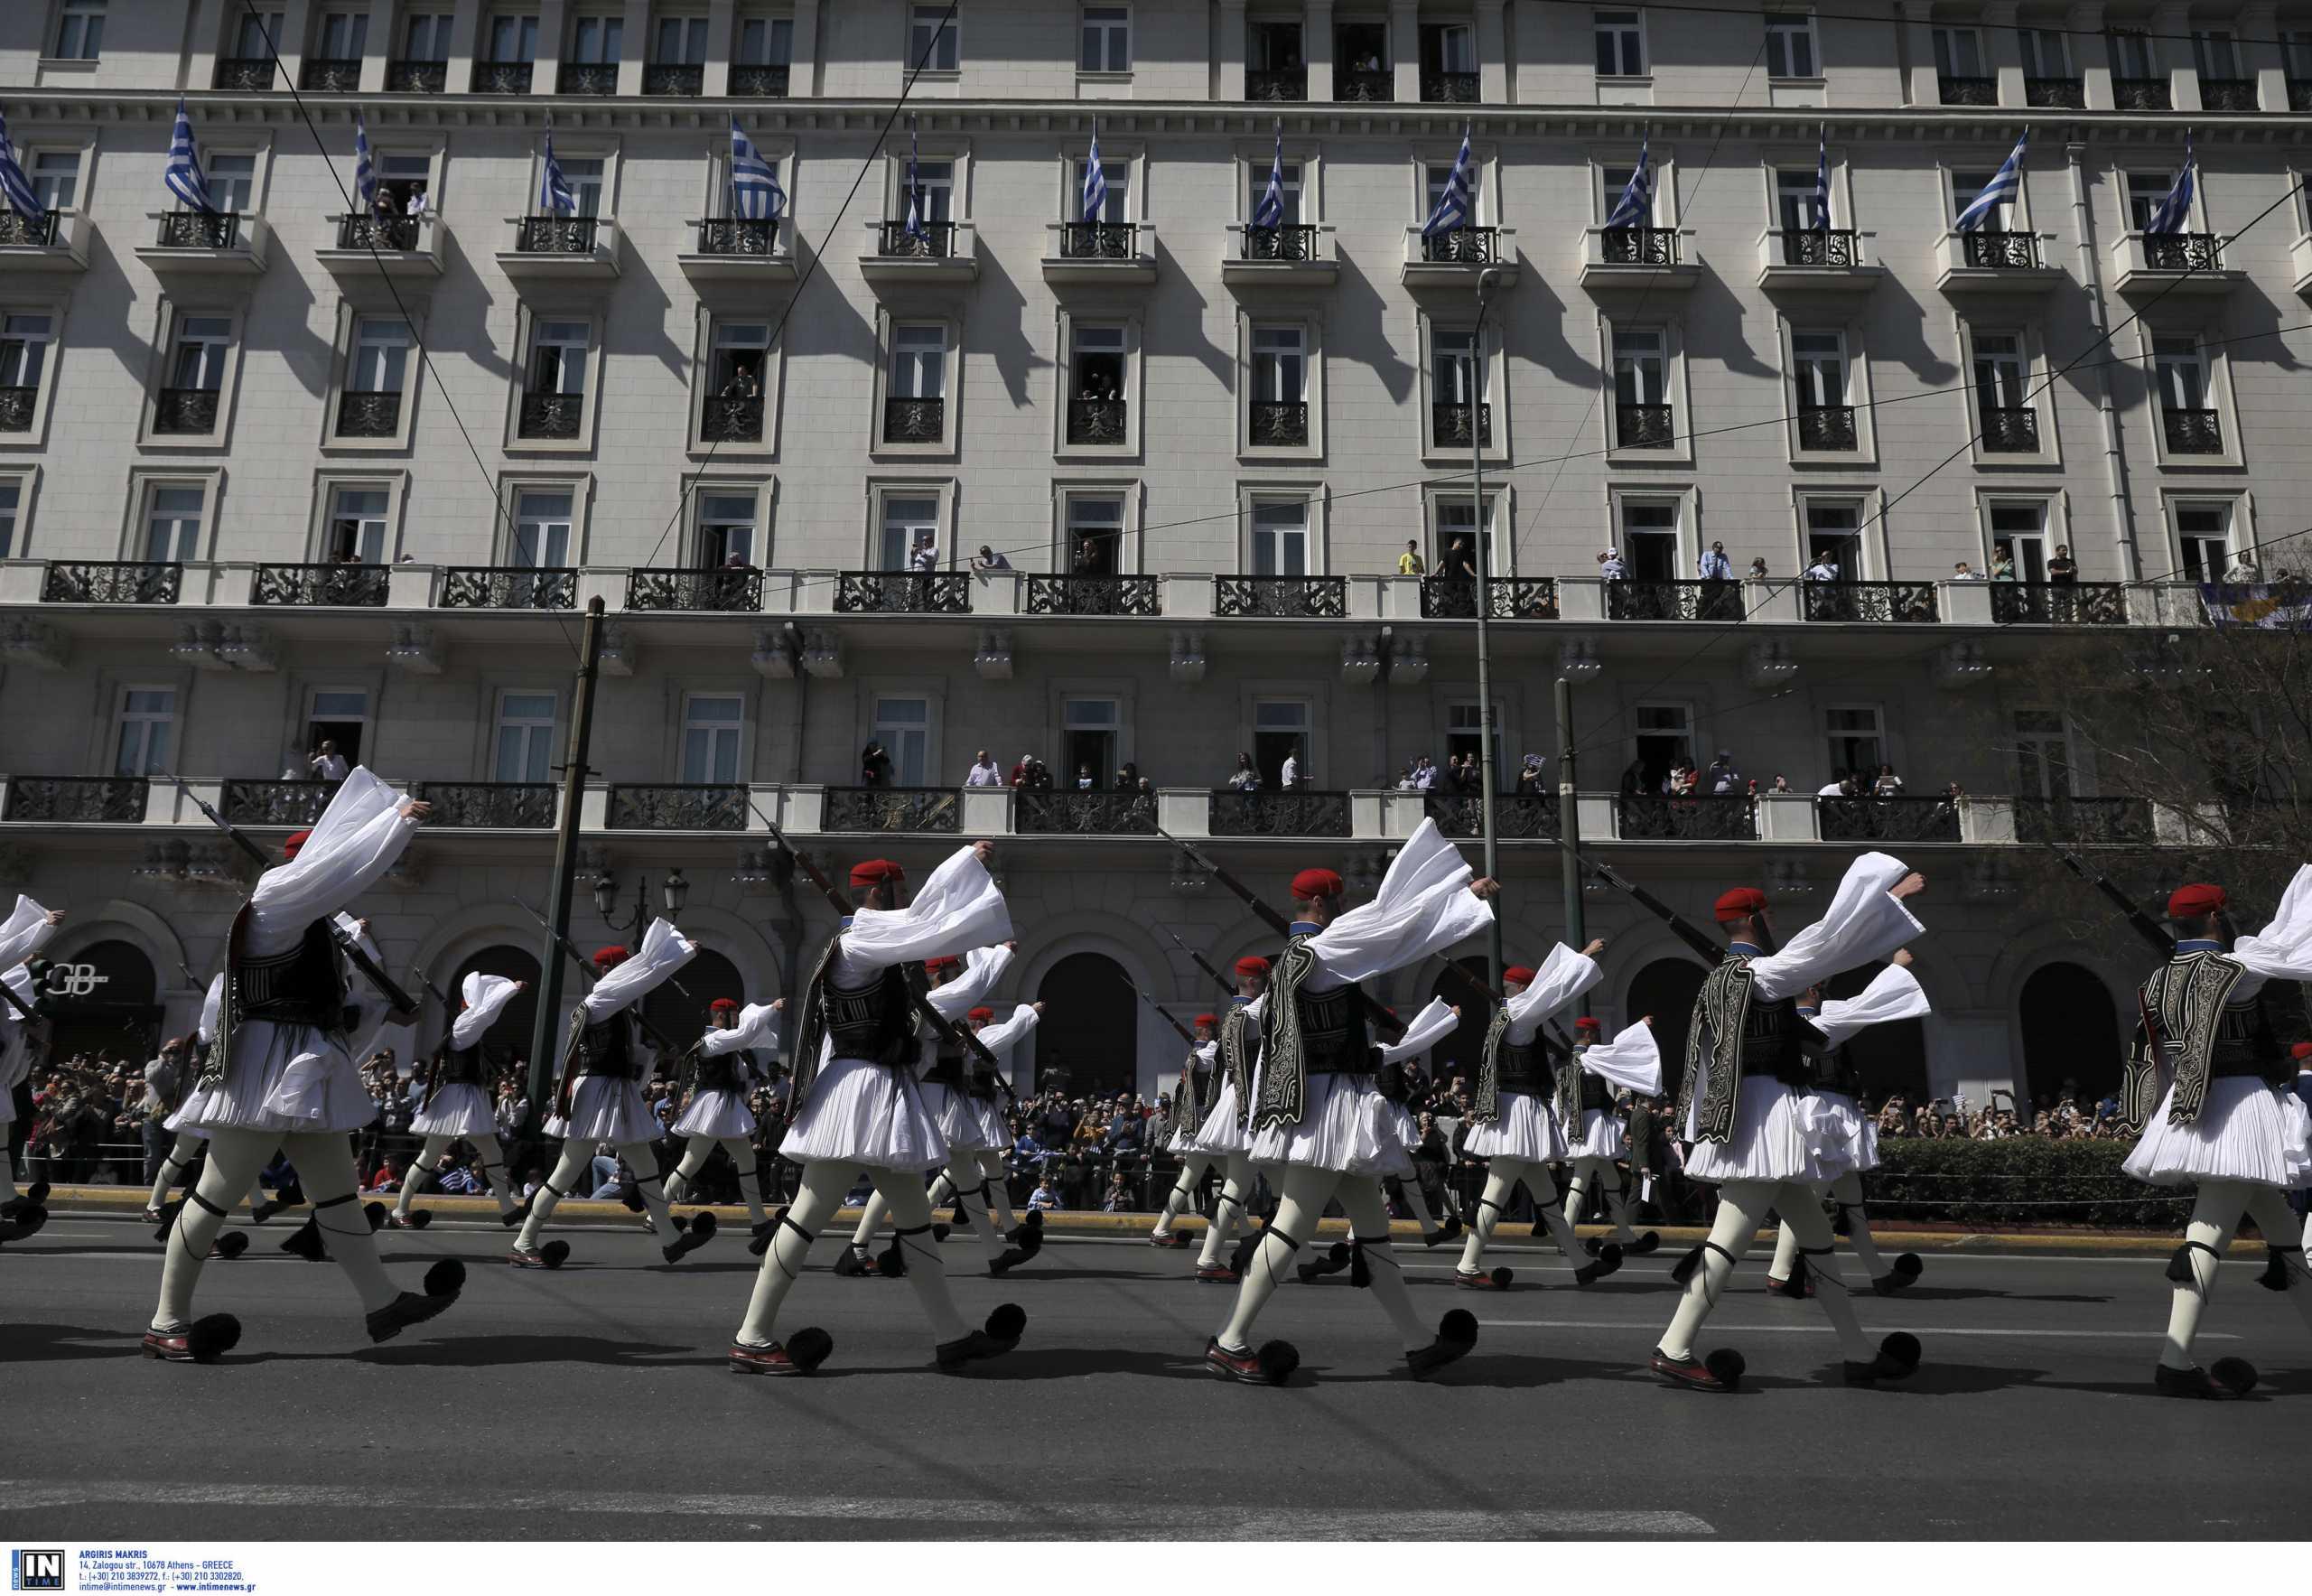 Πελώνη για 25η Μαρτίου: Δεν θα γίνουν παρελάσεις παρά μόνο η στρατιωτική